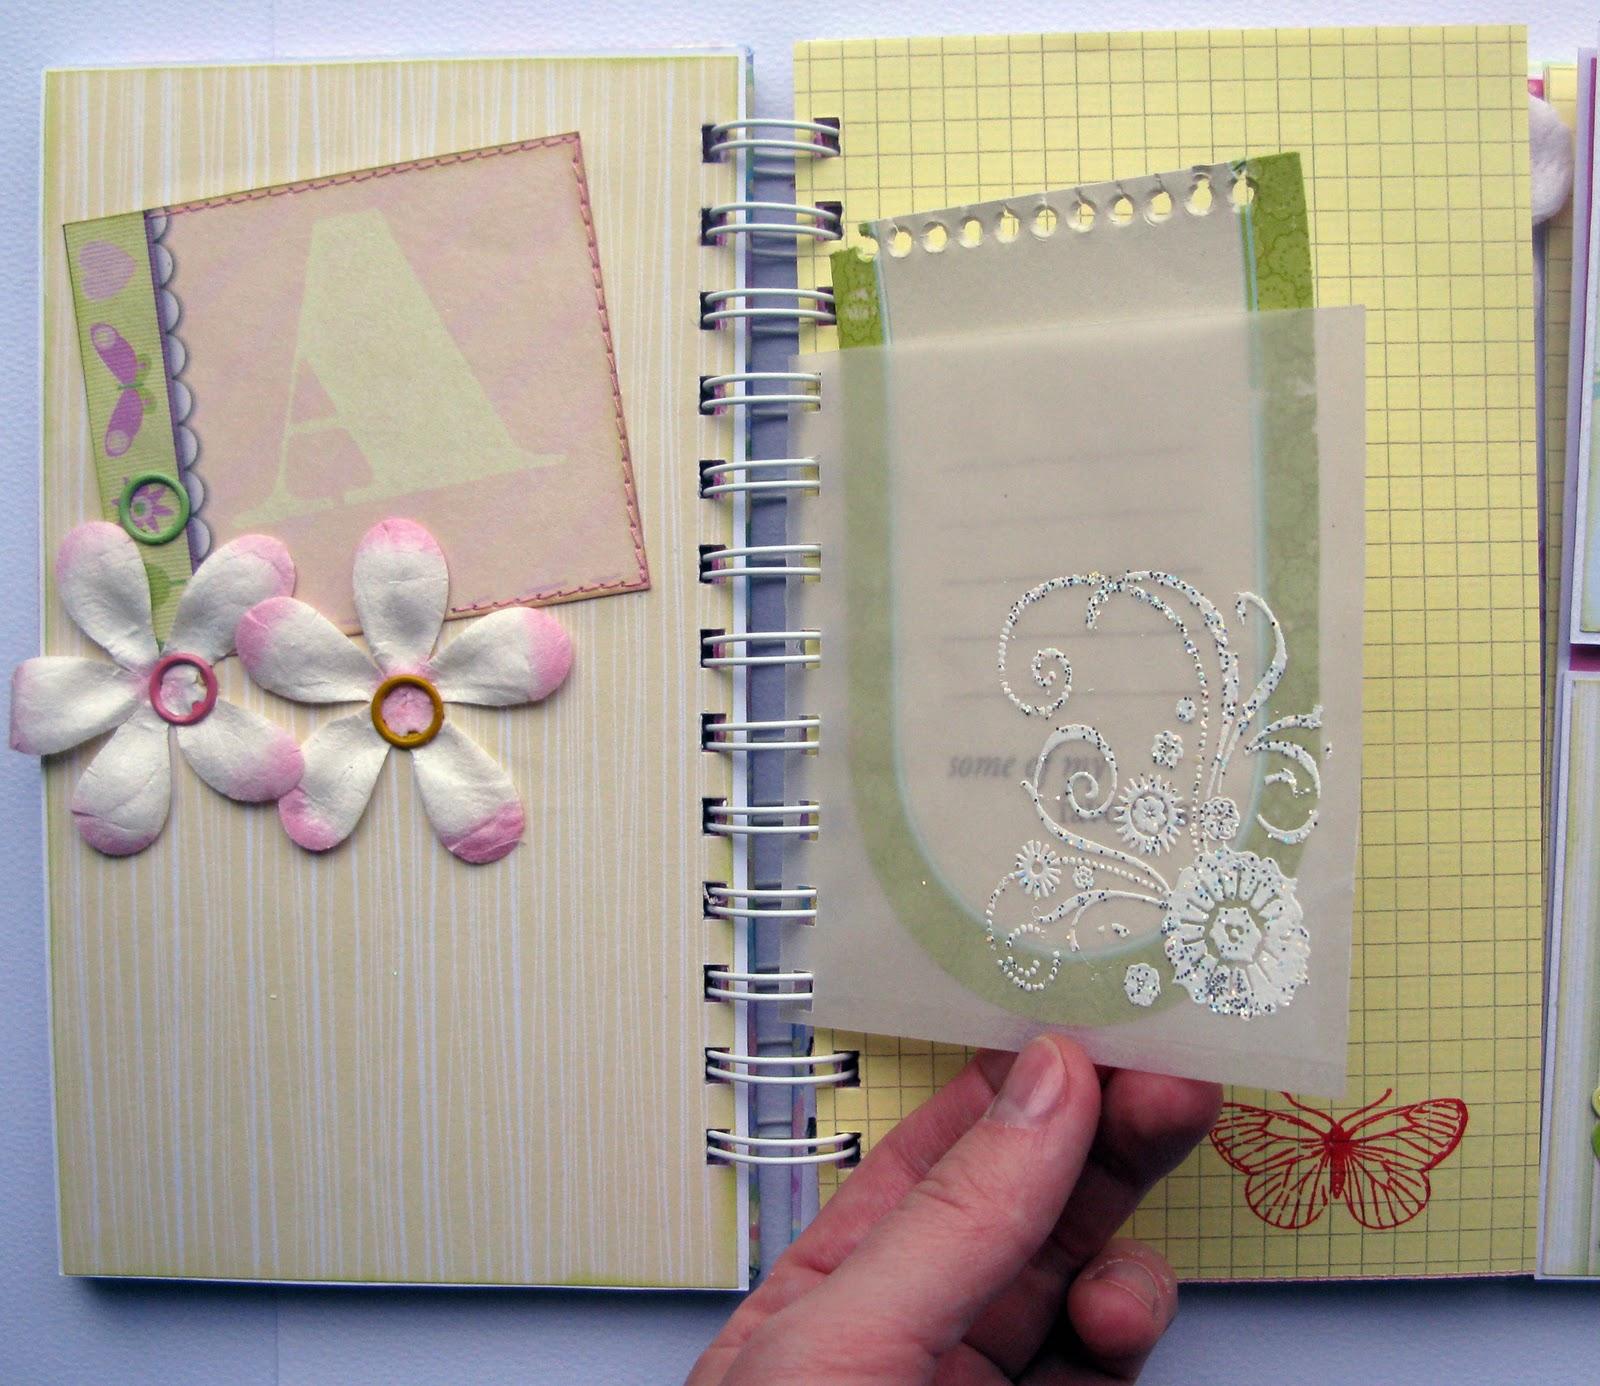 Личный дневник своими руками сделать несложно 7